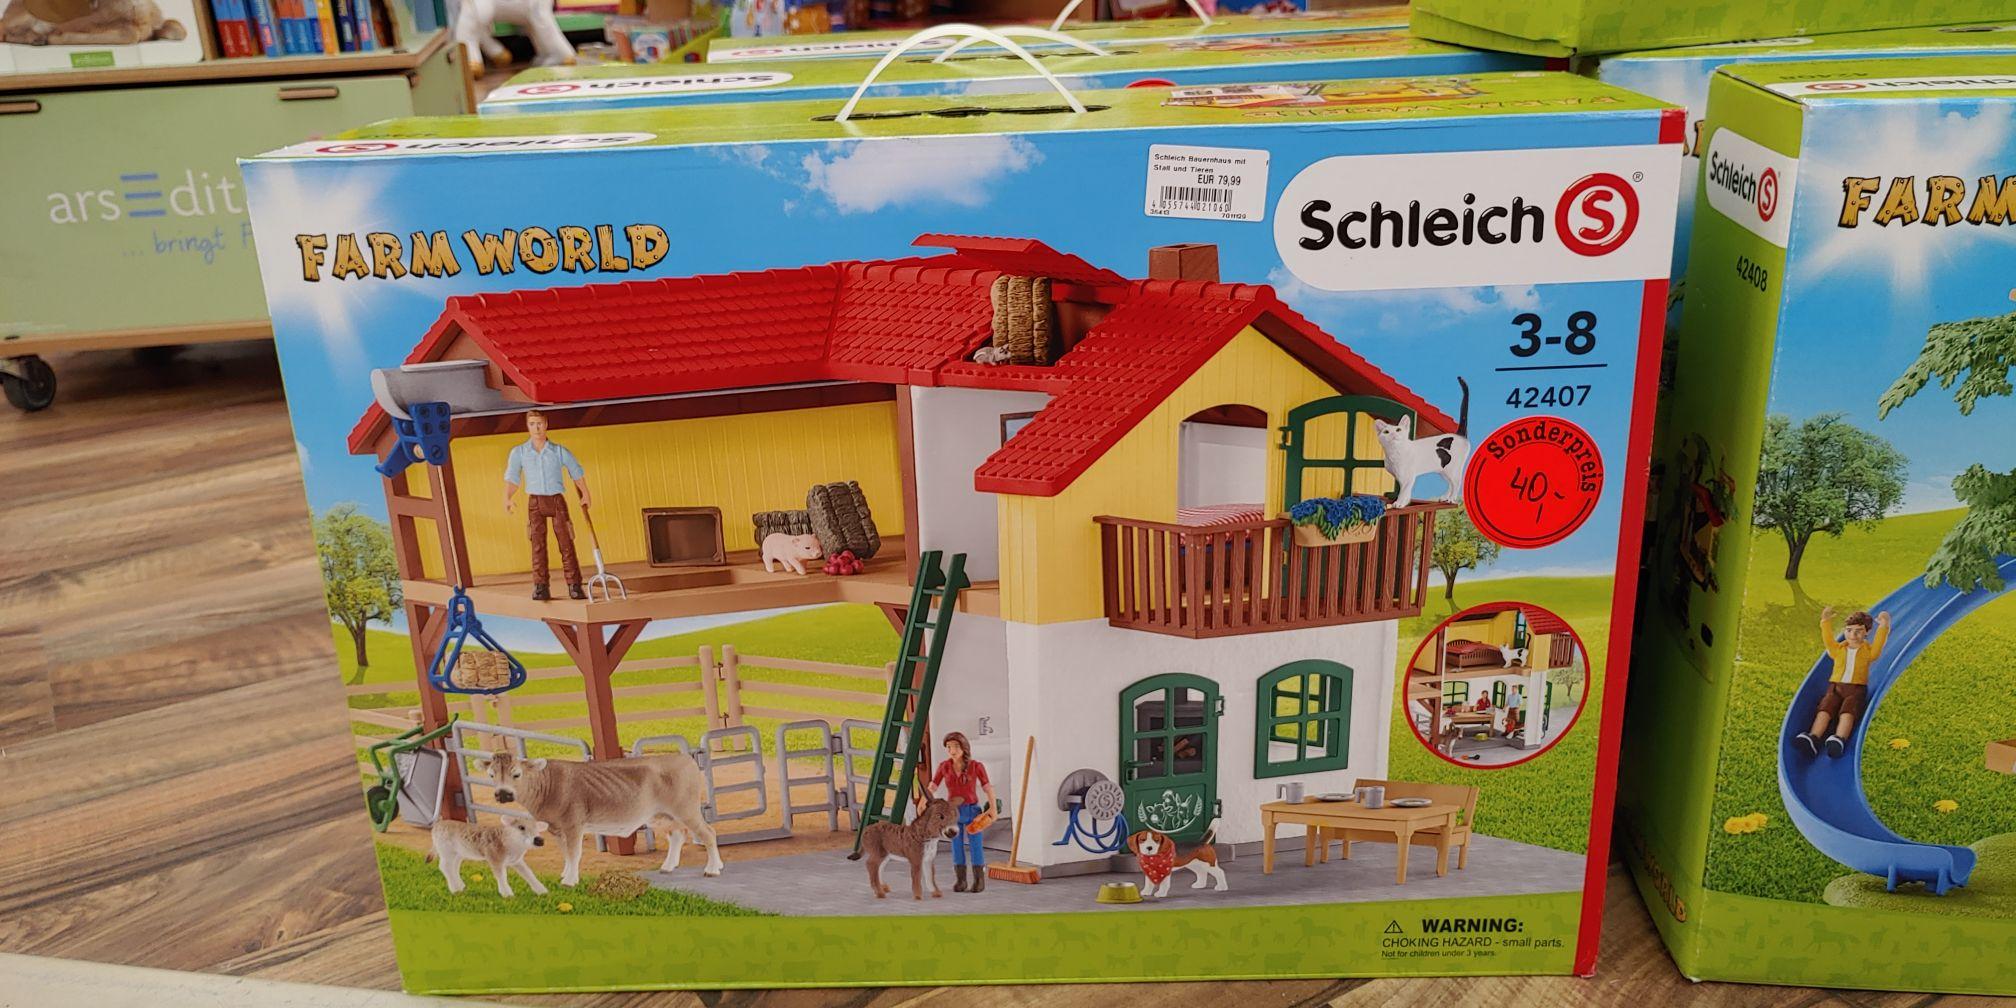 [Lokal] RWG Wiefelstede Schleich Bauernhaus mit Stall und Tieren (42407) 40€ Baumhaus (42408) für 30€